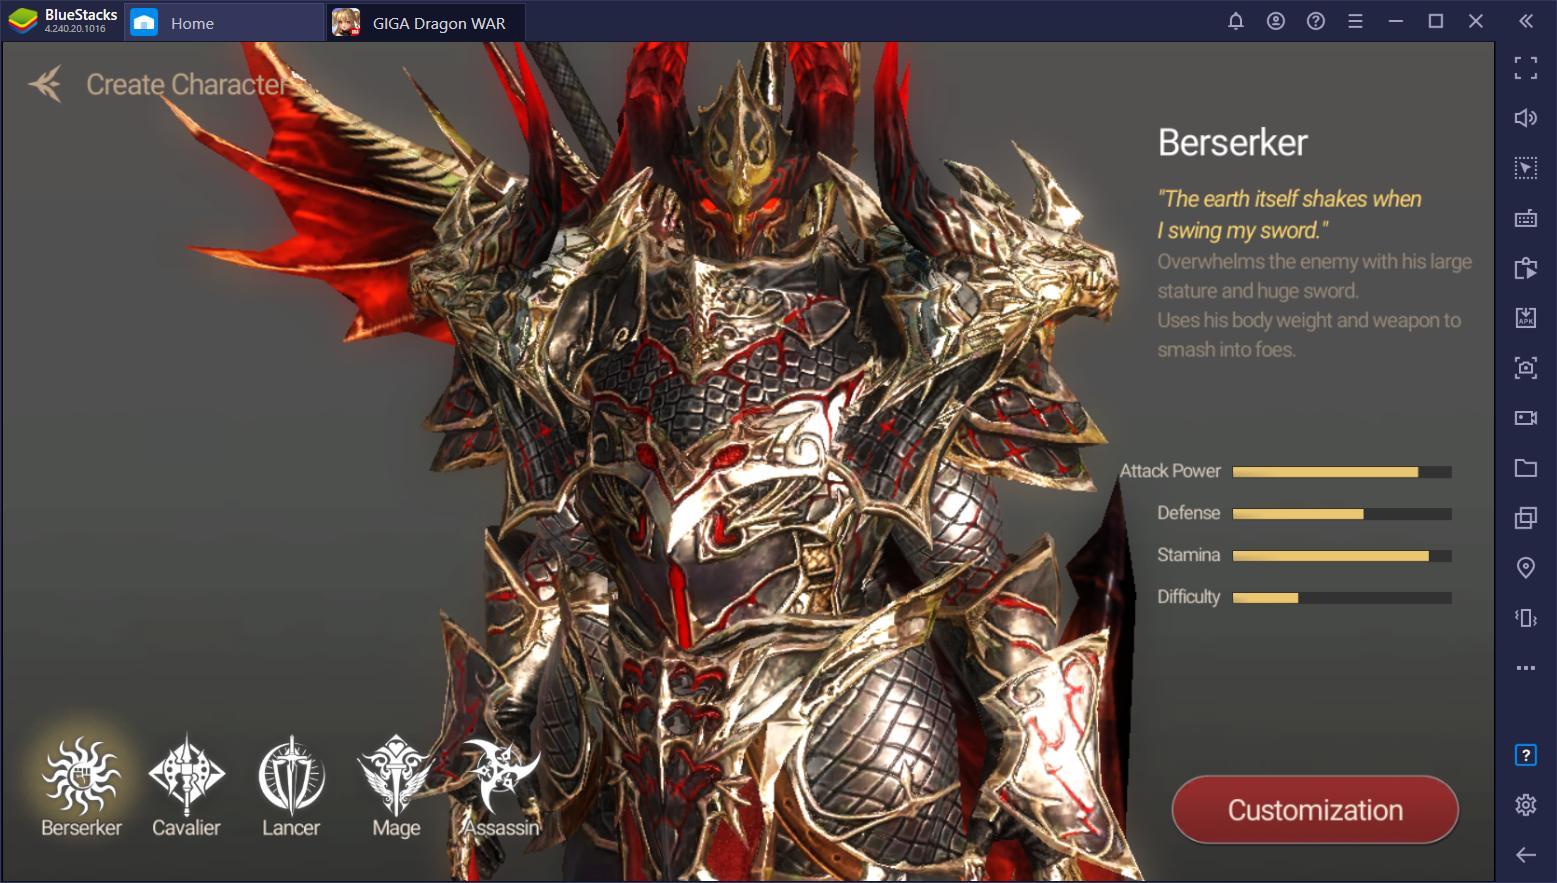 Cara Download dan Main MMORPG Giga Dragon WAR Dengan Menggunakan BlueStacks